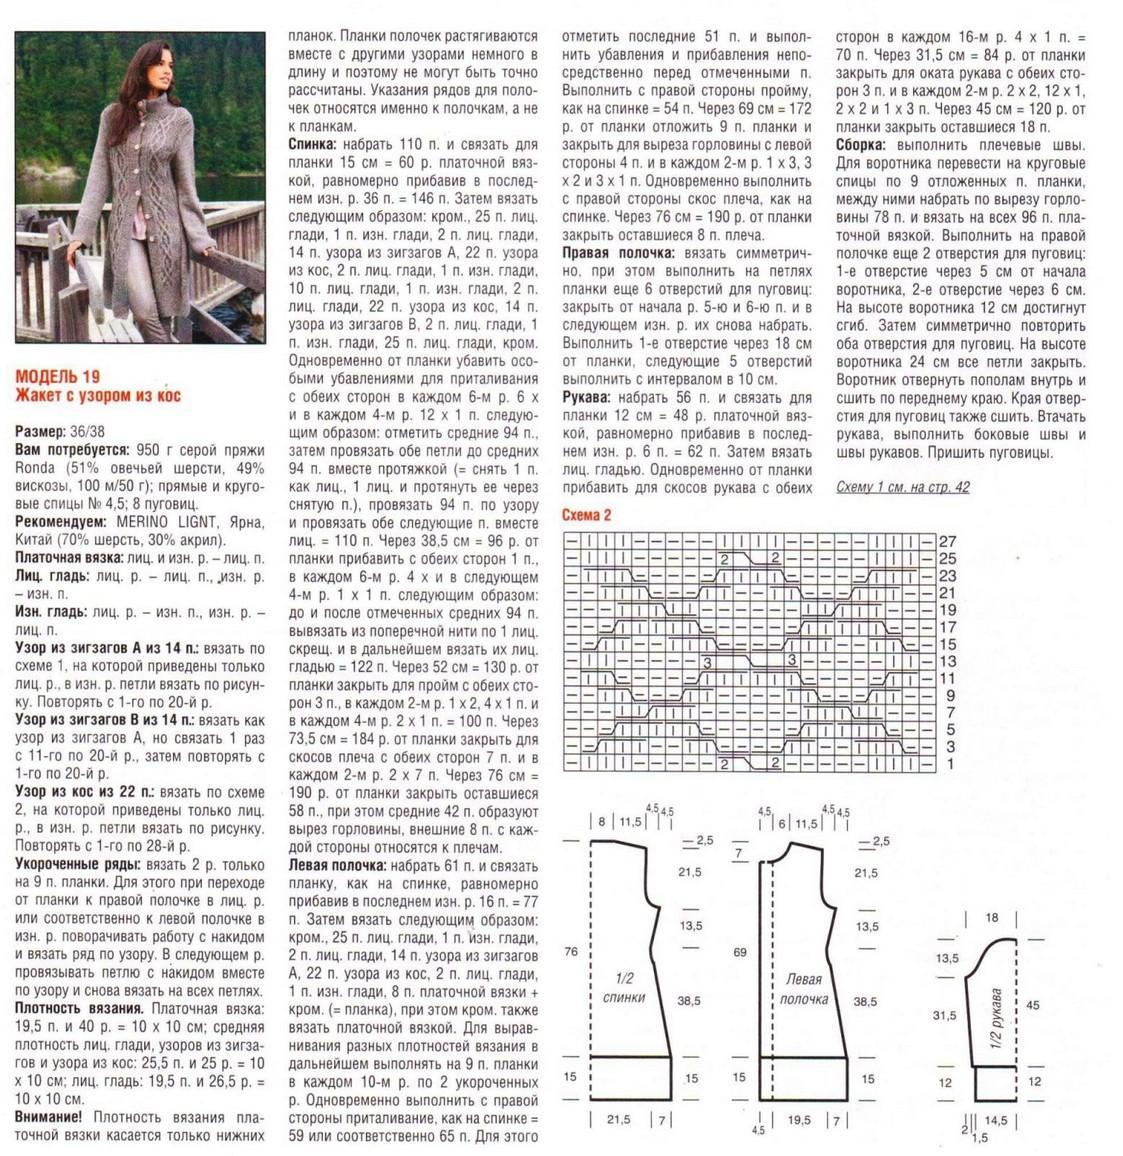 Вязание спицами пальто и кардиган схемы и описание